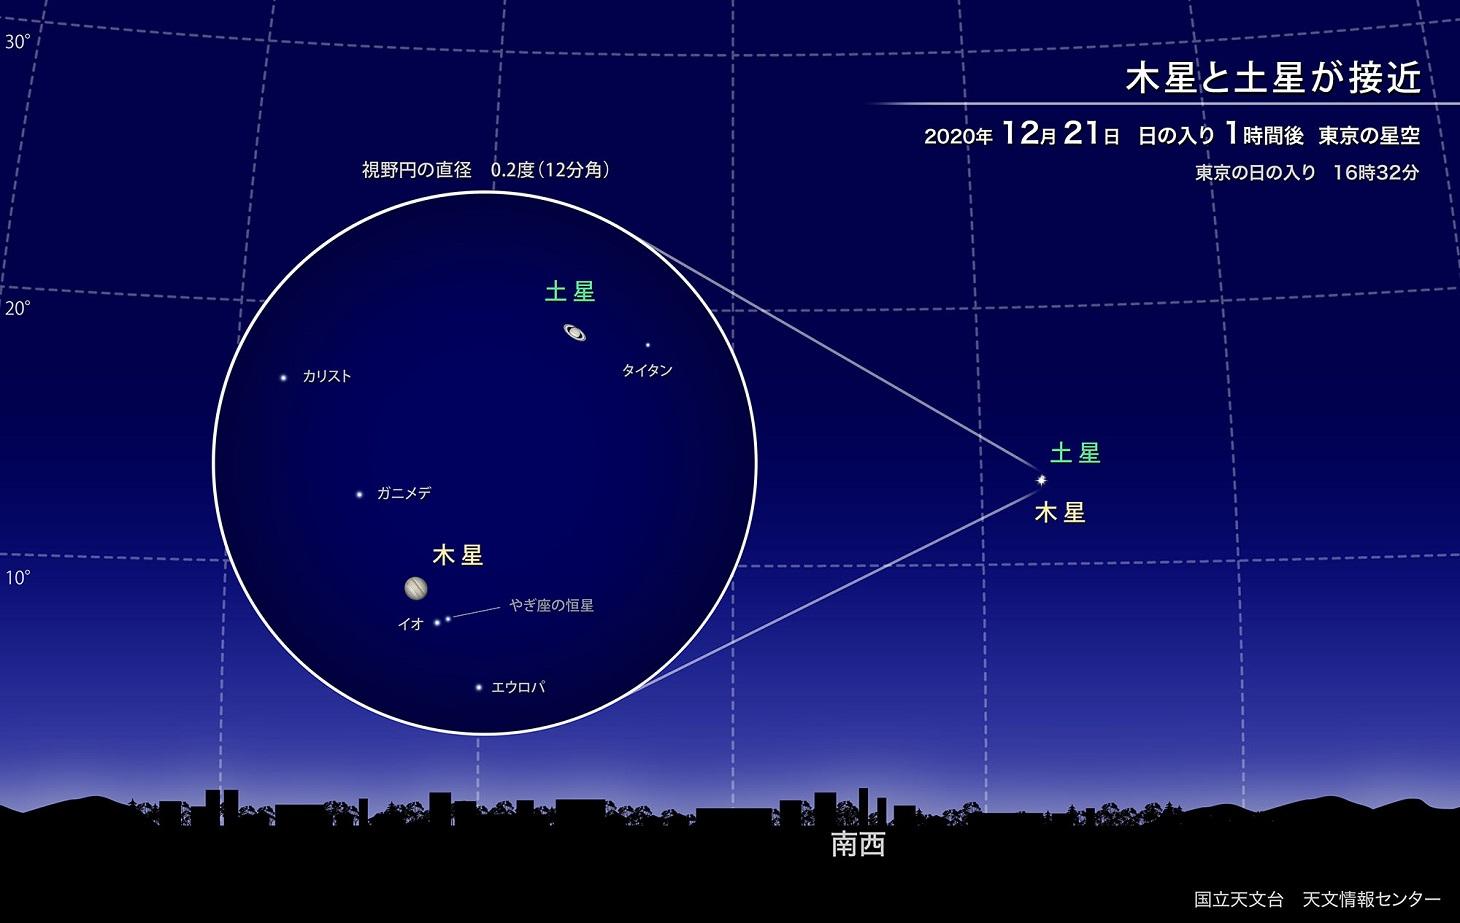 国立天文台12月の空